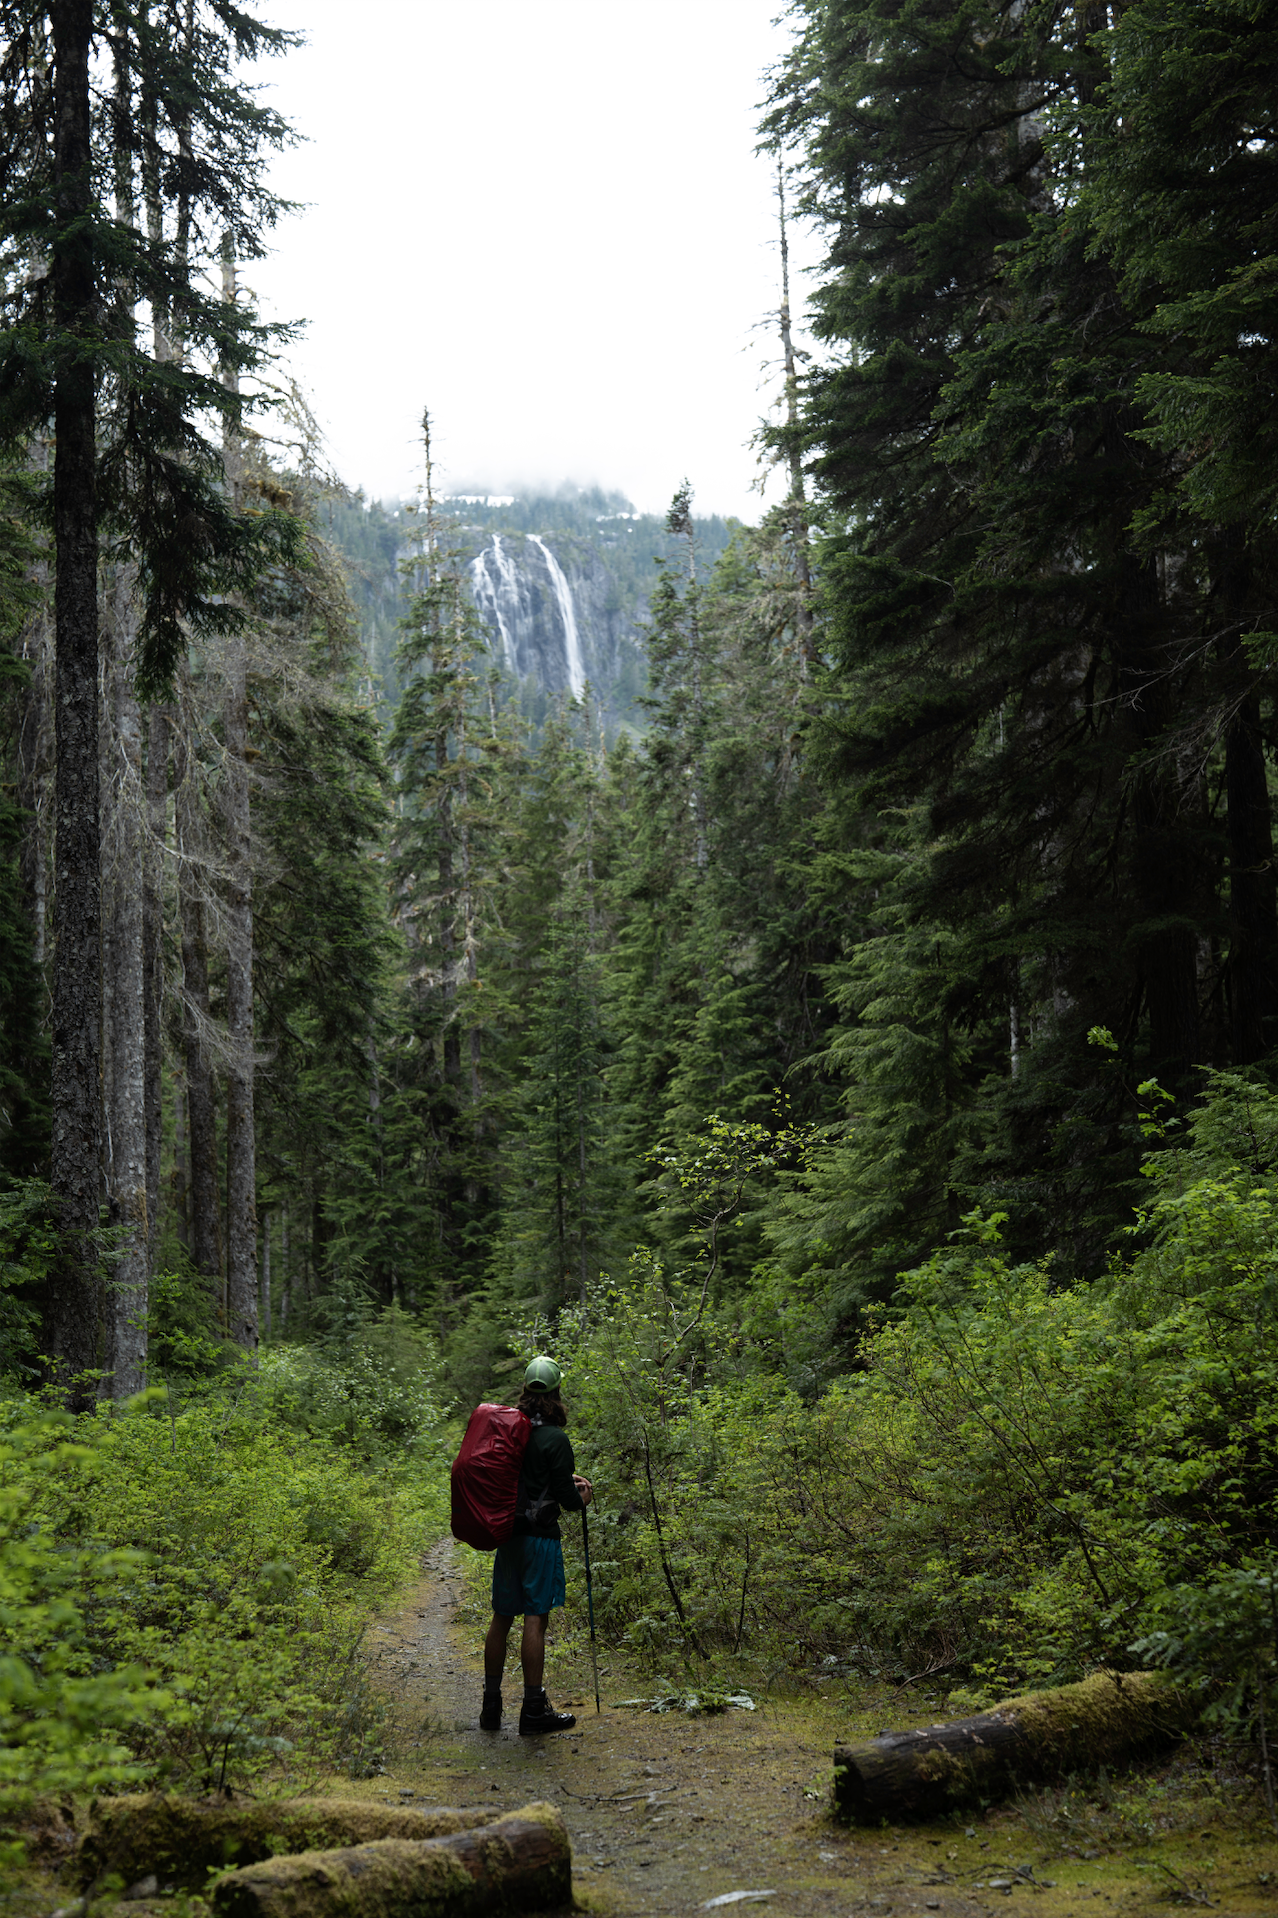 Della Falls in the distance.